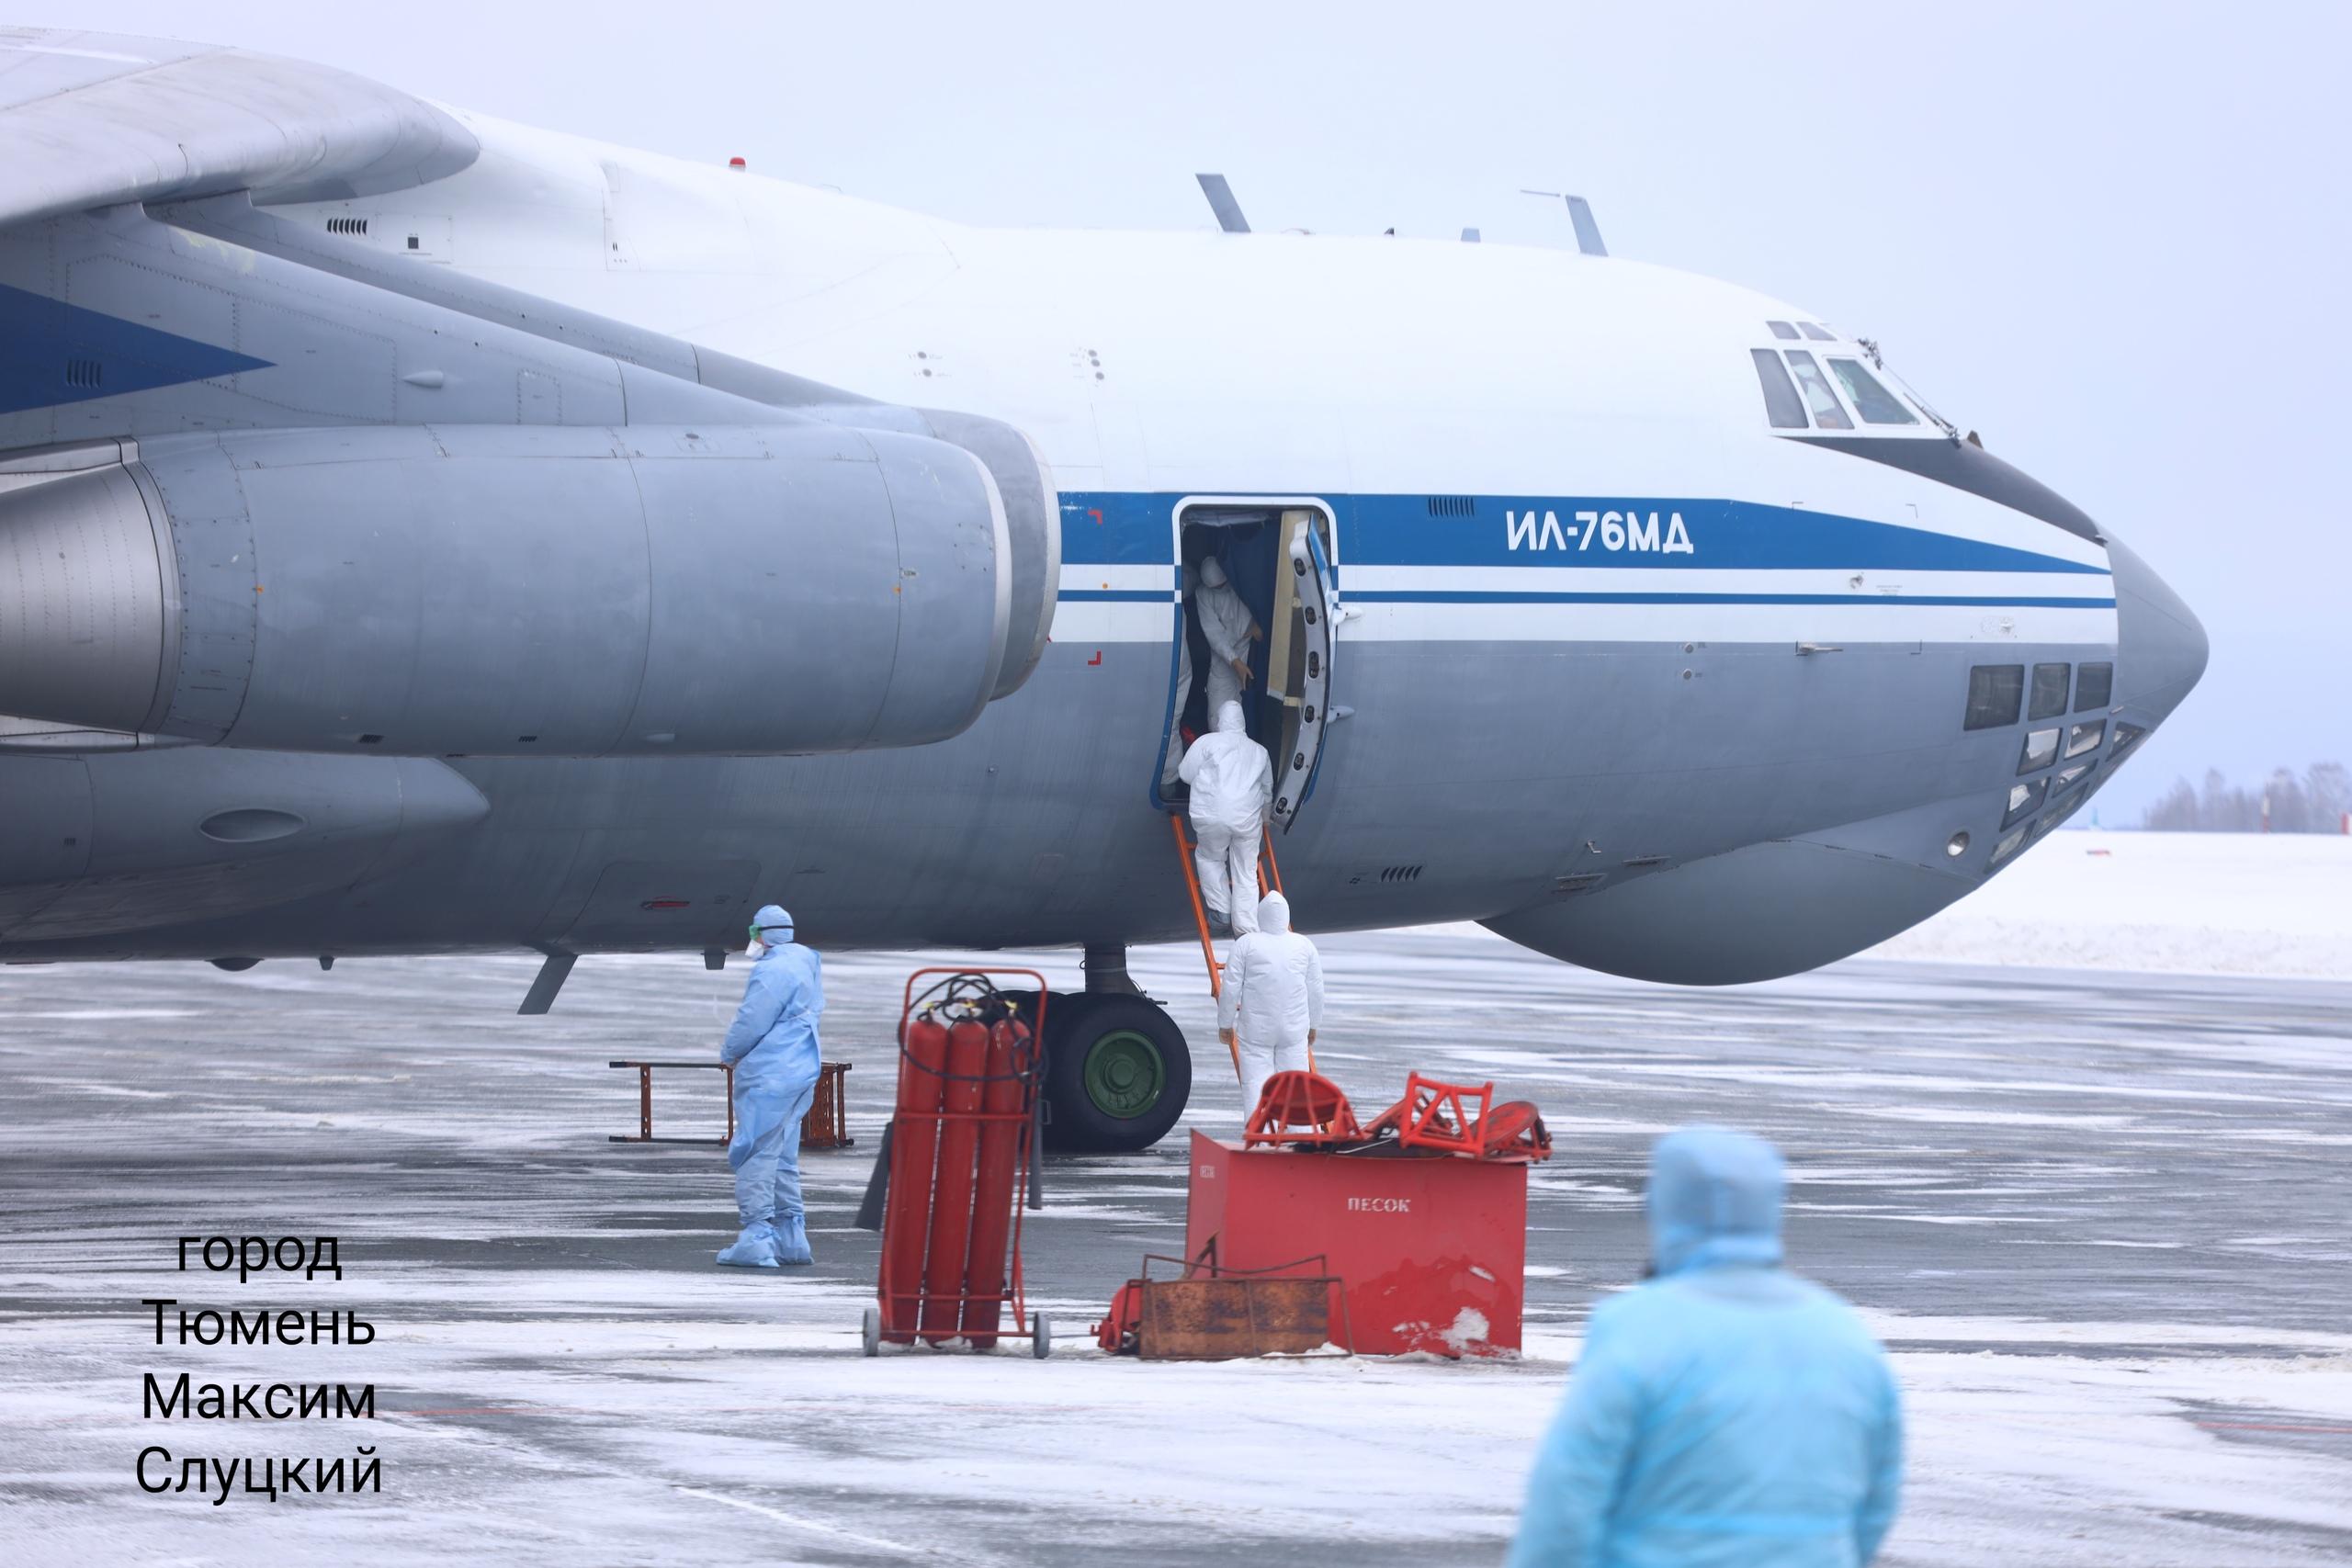 Всех россиян и жителей СНГ доставляют в Россию военными самолётами